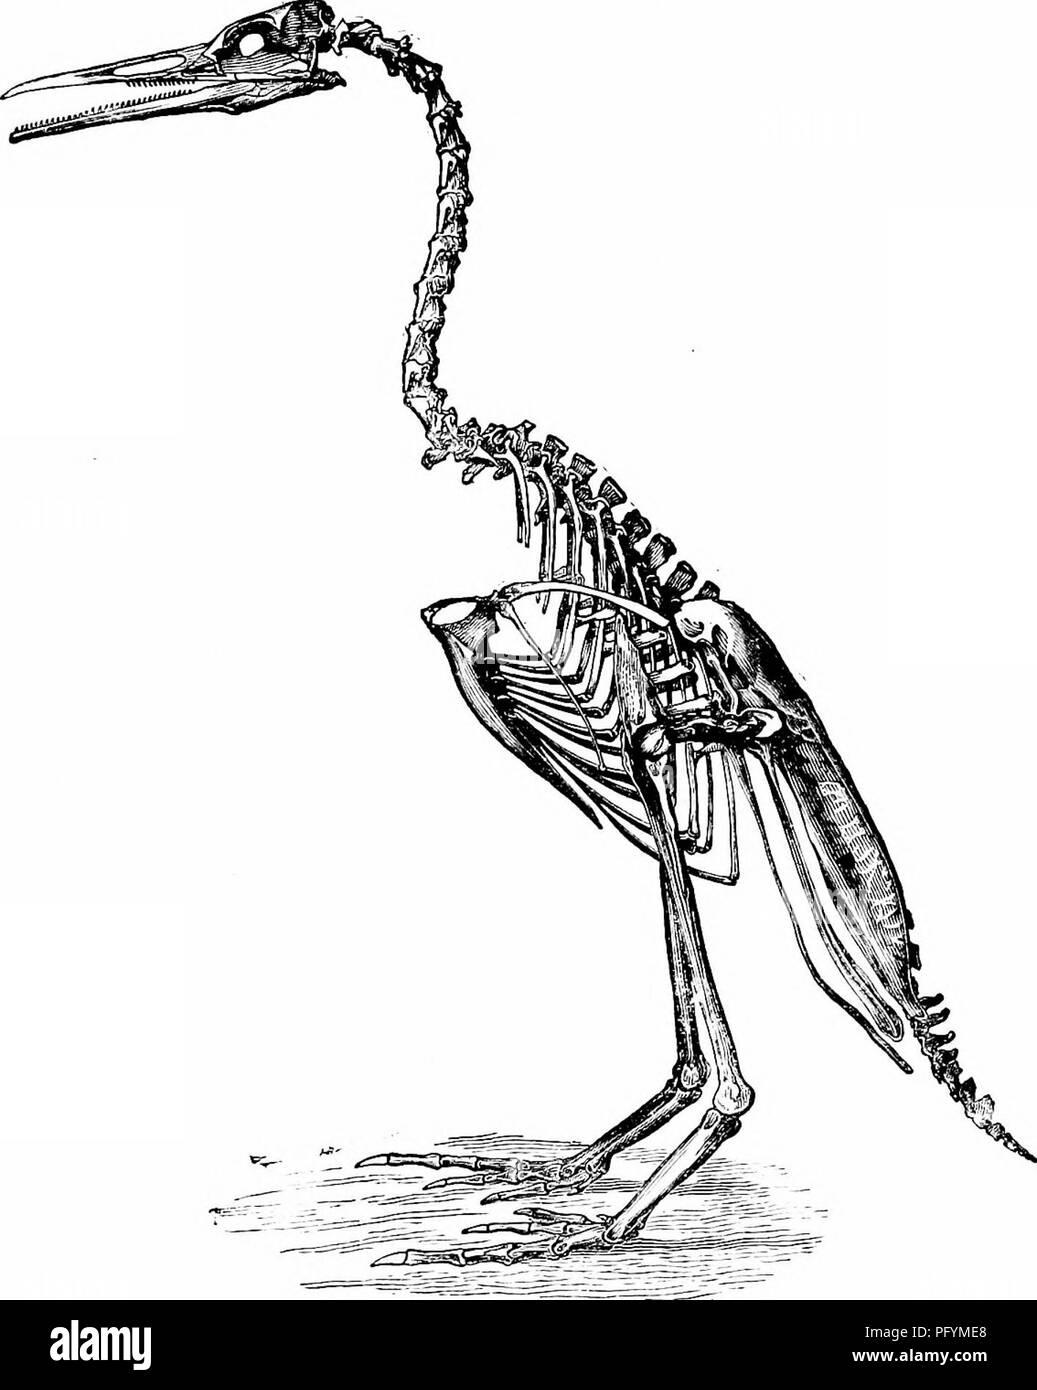 . Schlüssel für nordamerikanische Vögel. Enthält eine kurze Beschreibung aller Arten von Wohn- und fossiler Vogel derzeit vom Kontinent nördlich der mexikanischen Grenze und der Vereinigten Staaten, einschließlich Grönland bekannt und unteren Kalifornien, mit denen eingegliedert sind allgemeine Ornithologie: einen Überblick über die Struktur und die Systematik der Vögel; und Feld Ornithologie, ein Handbuch für die Sammlung, Erstellung und Erhaltung der Vögel. Vögel; Vögel; 1887. DEFINITION DER VÖGEL. 63 ichnites, - die Fossilien so genannt, weil angeblich die Anwesenheit von Vögeln hy tlicir foot-prints zu abtiut iudicate, wurden entdeckt, die ja Stockfoto